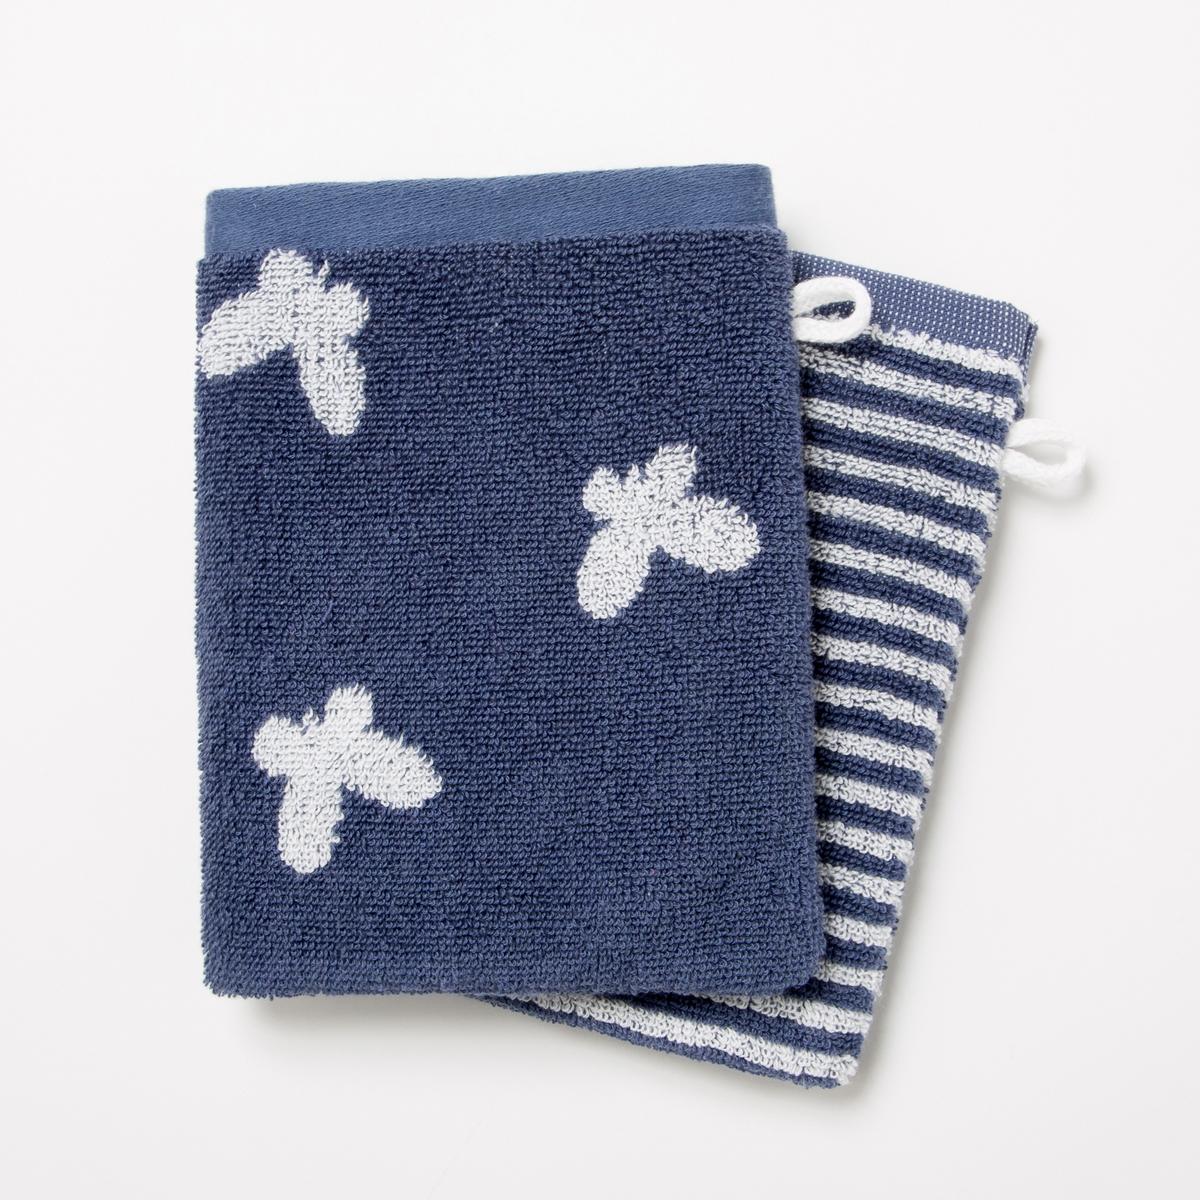 Комплект из 2 банных рукавичек из махровой ткани, 500 г/м? - CANELO (lot de 2)